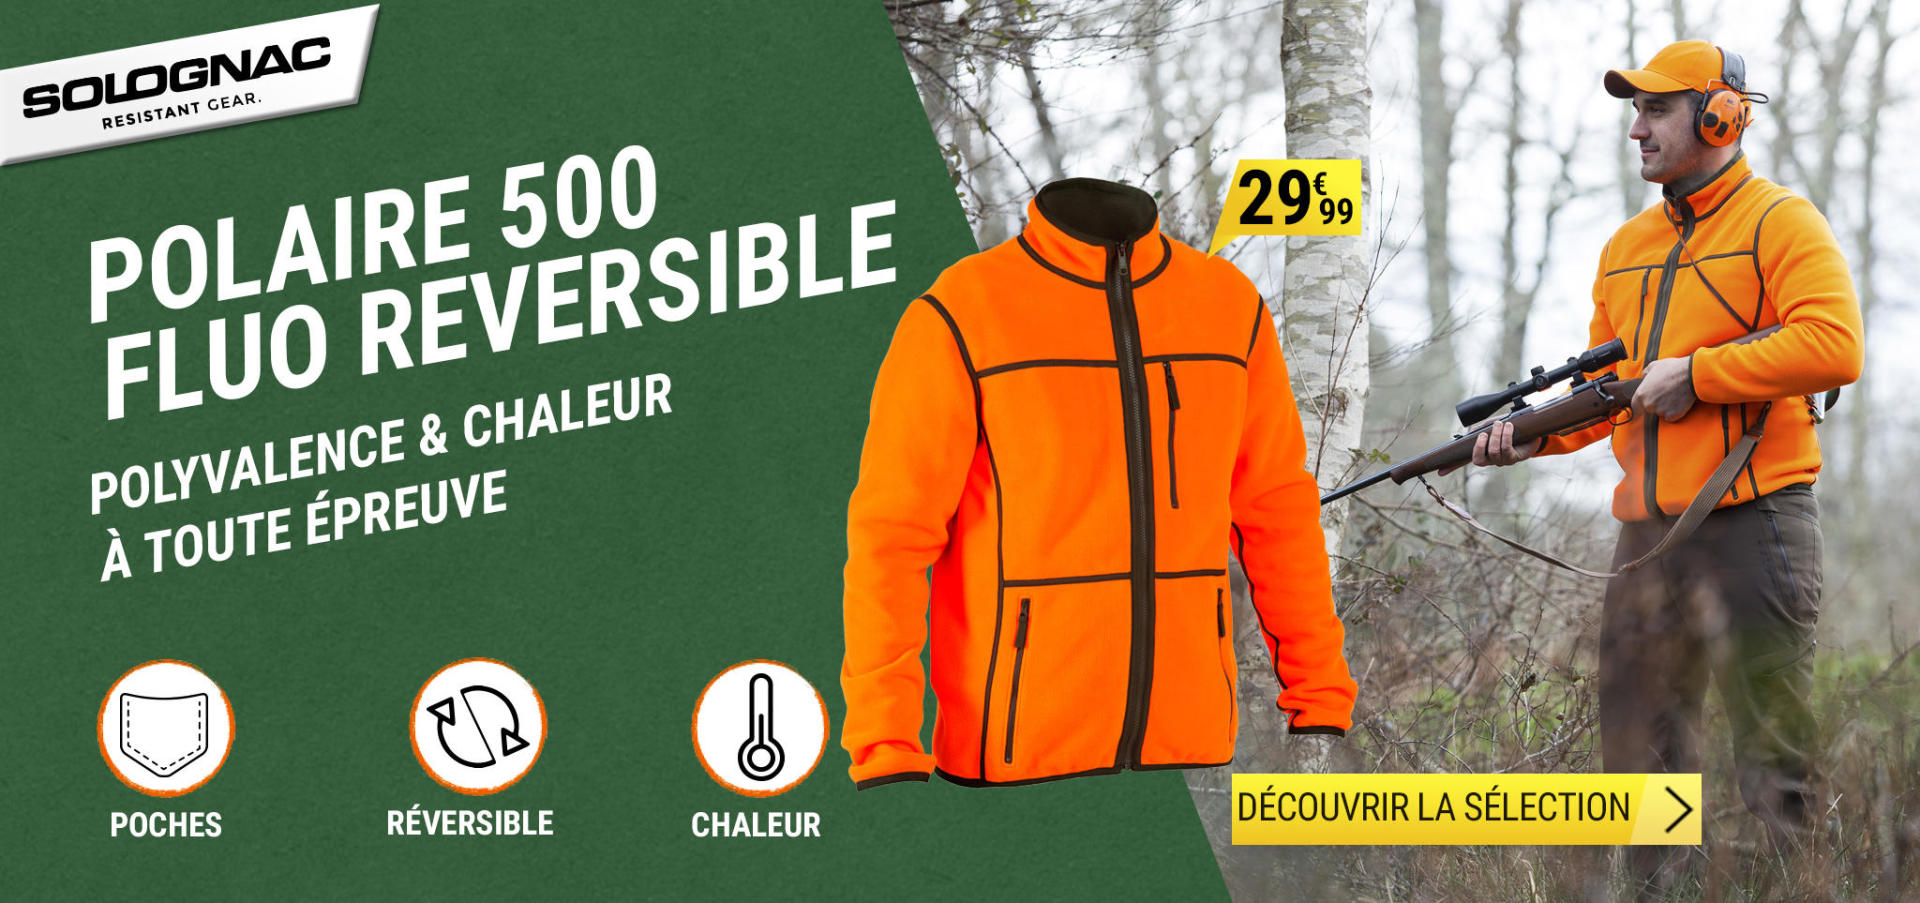 Découvrez notre sélection de vêtements chauds fluorescents pour chasser en battue au chaud et en toute sécurité.